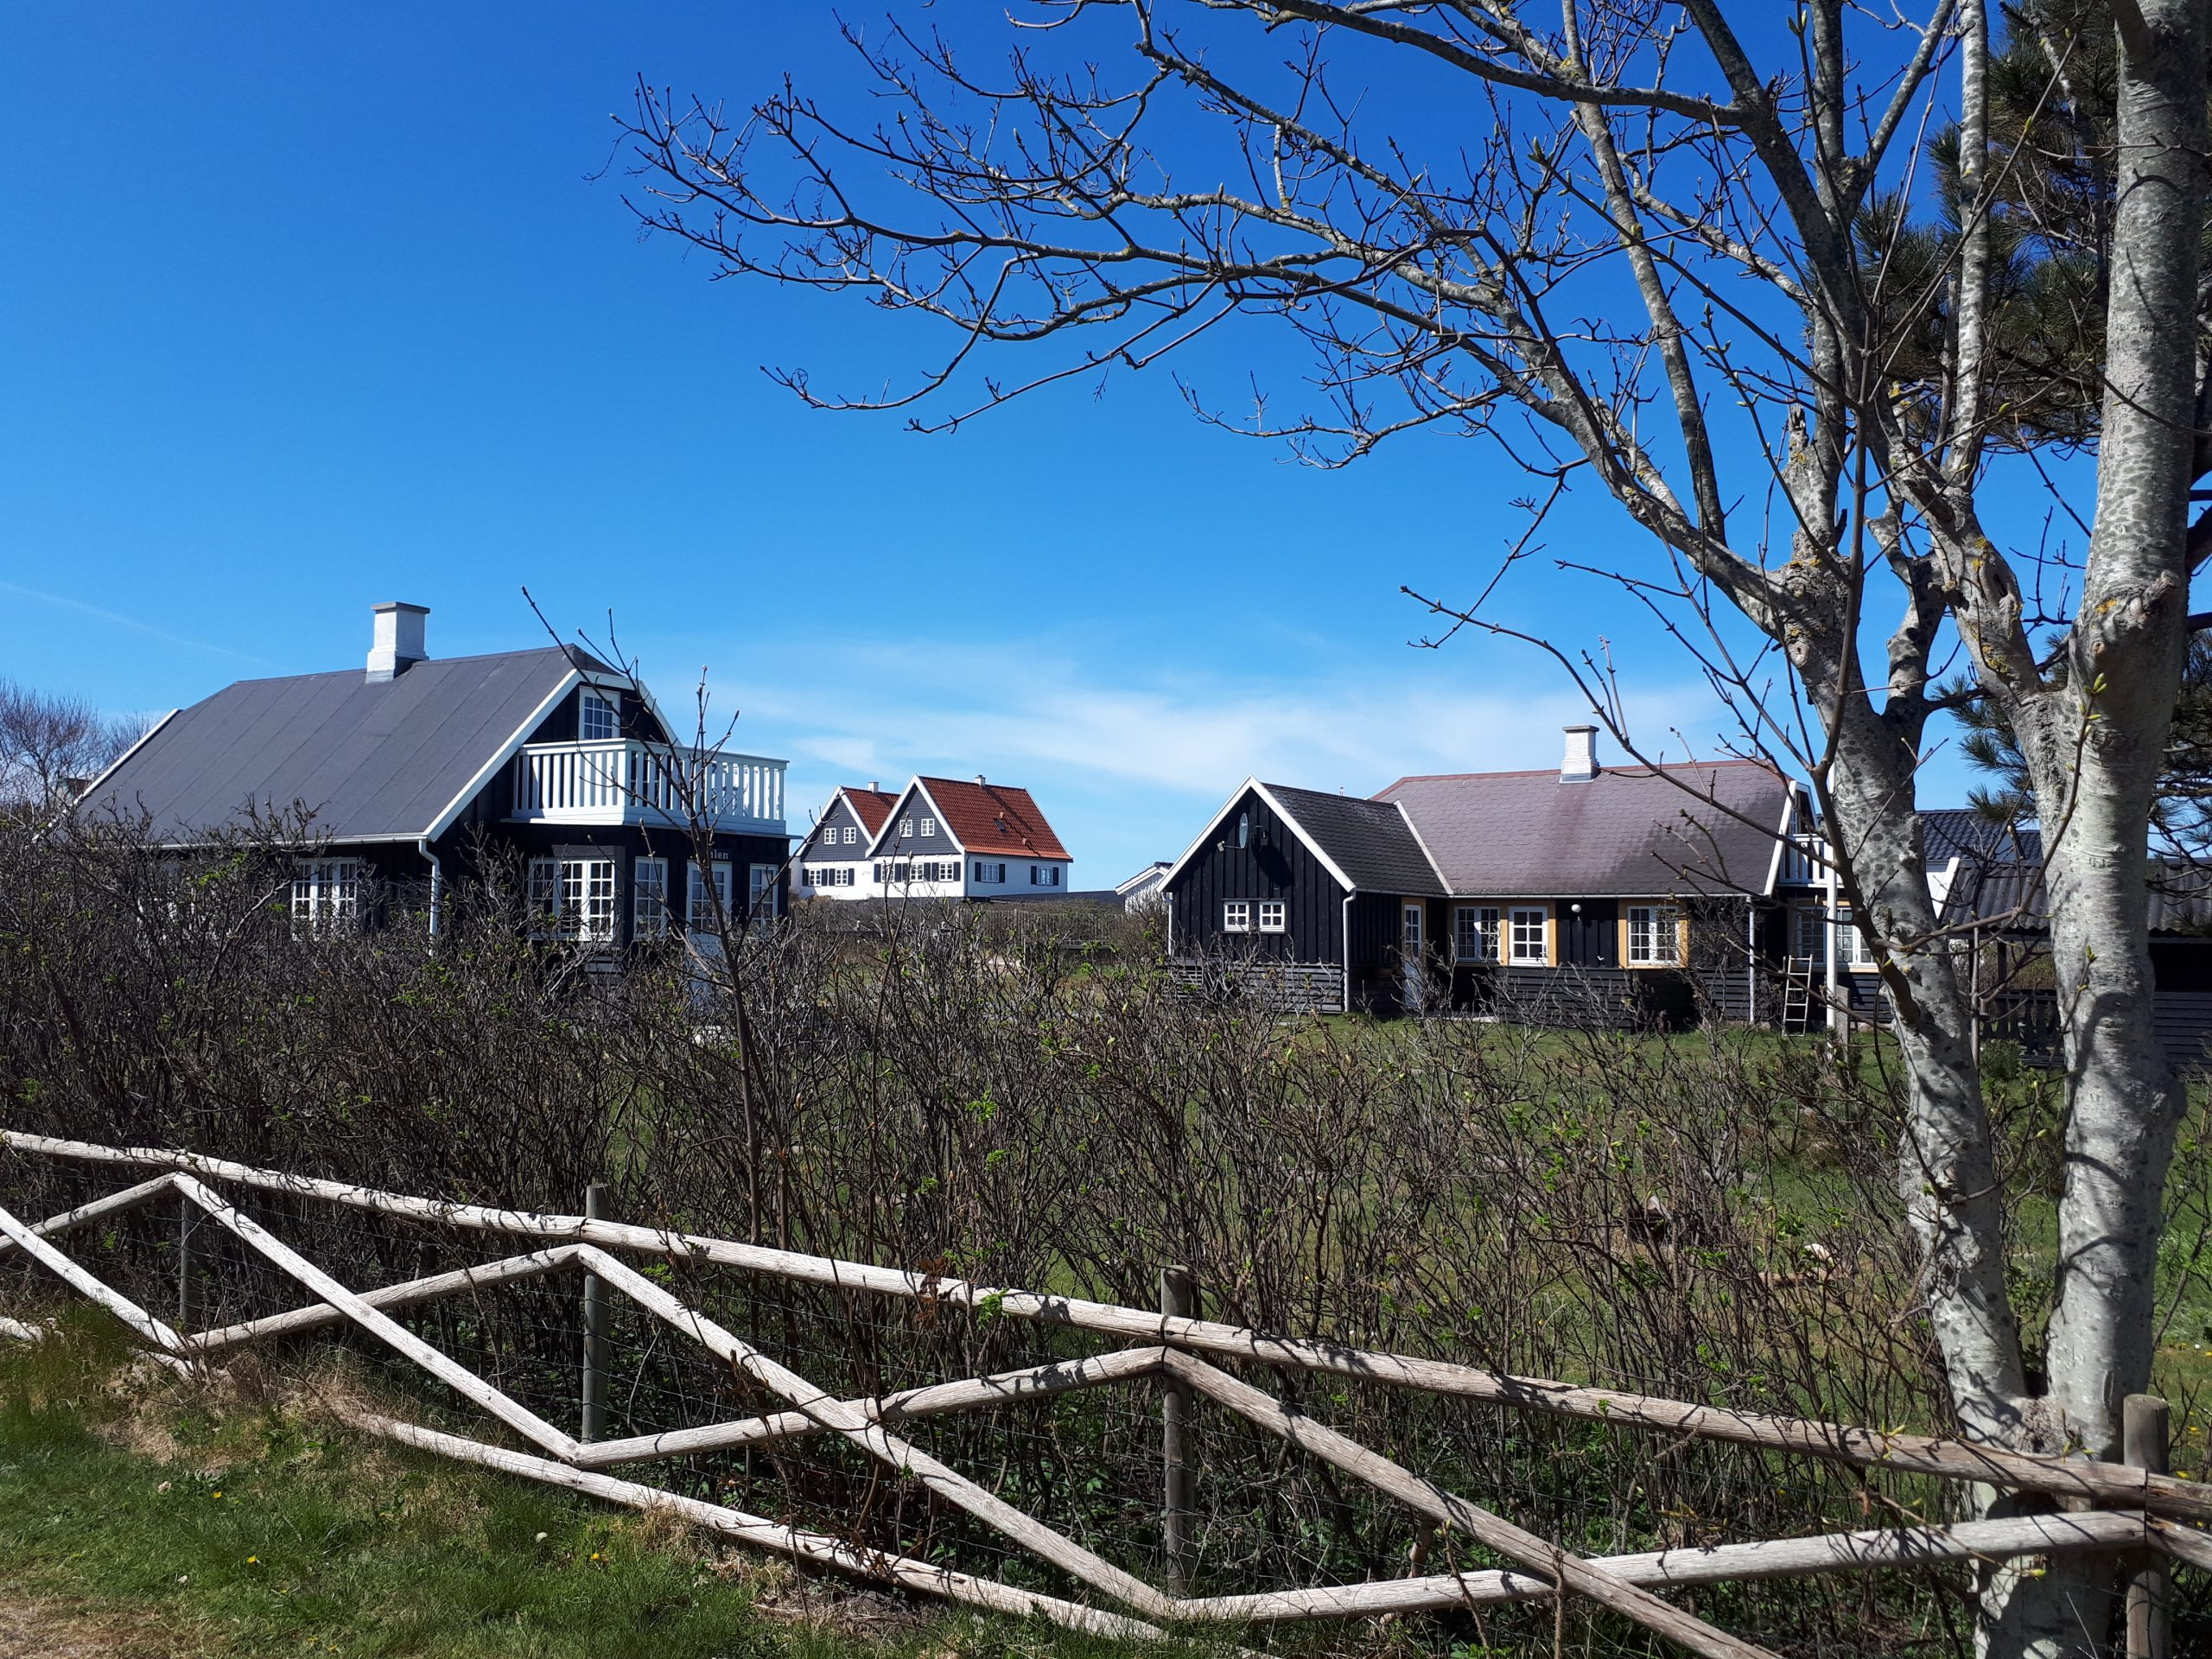 """Det nye koncept """"Inbound Services"""" tilbyder blandt andet markedsføring af destinationer og turismeoplevelser i Skandinavien, indenfor regionen eller i udlandet. Det kan for eksempel være regioner med danske ferieboliger. Arkivfoto: Henrik Baumgarten."""